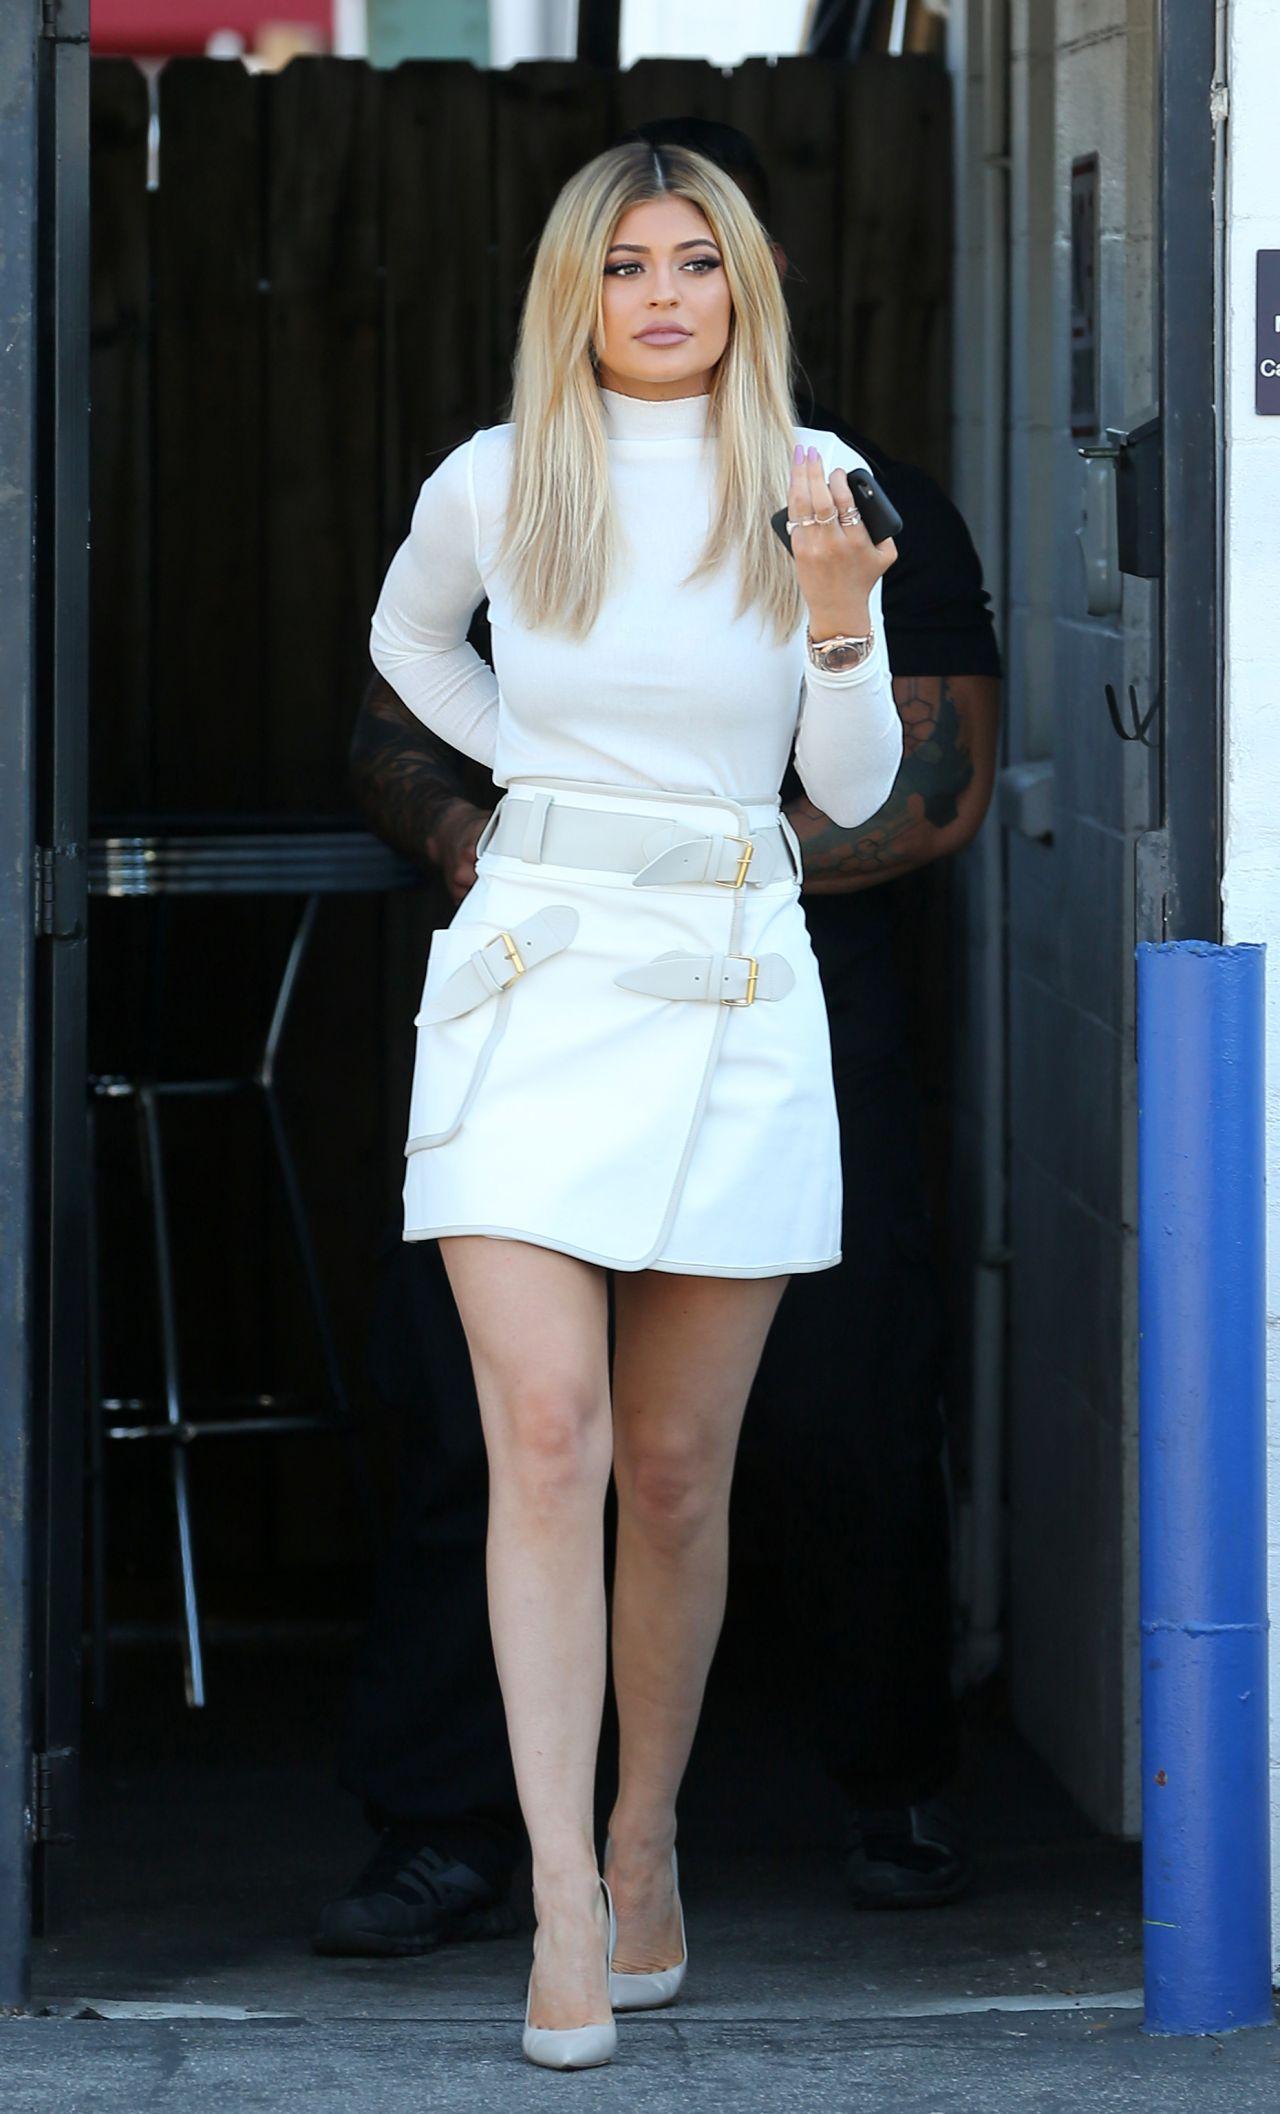 99b6fc1d9af Kylie Jenner Style - Leaving a Studio in LA